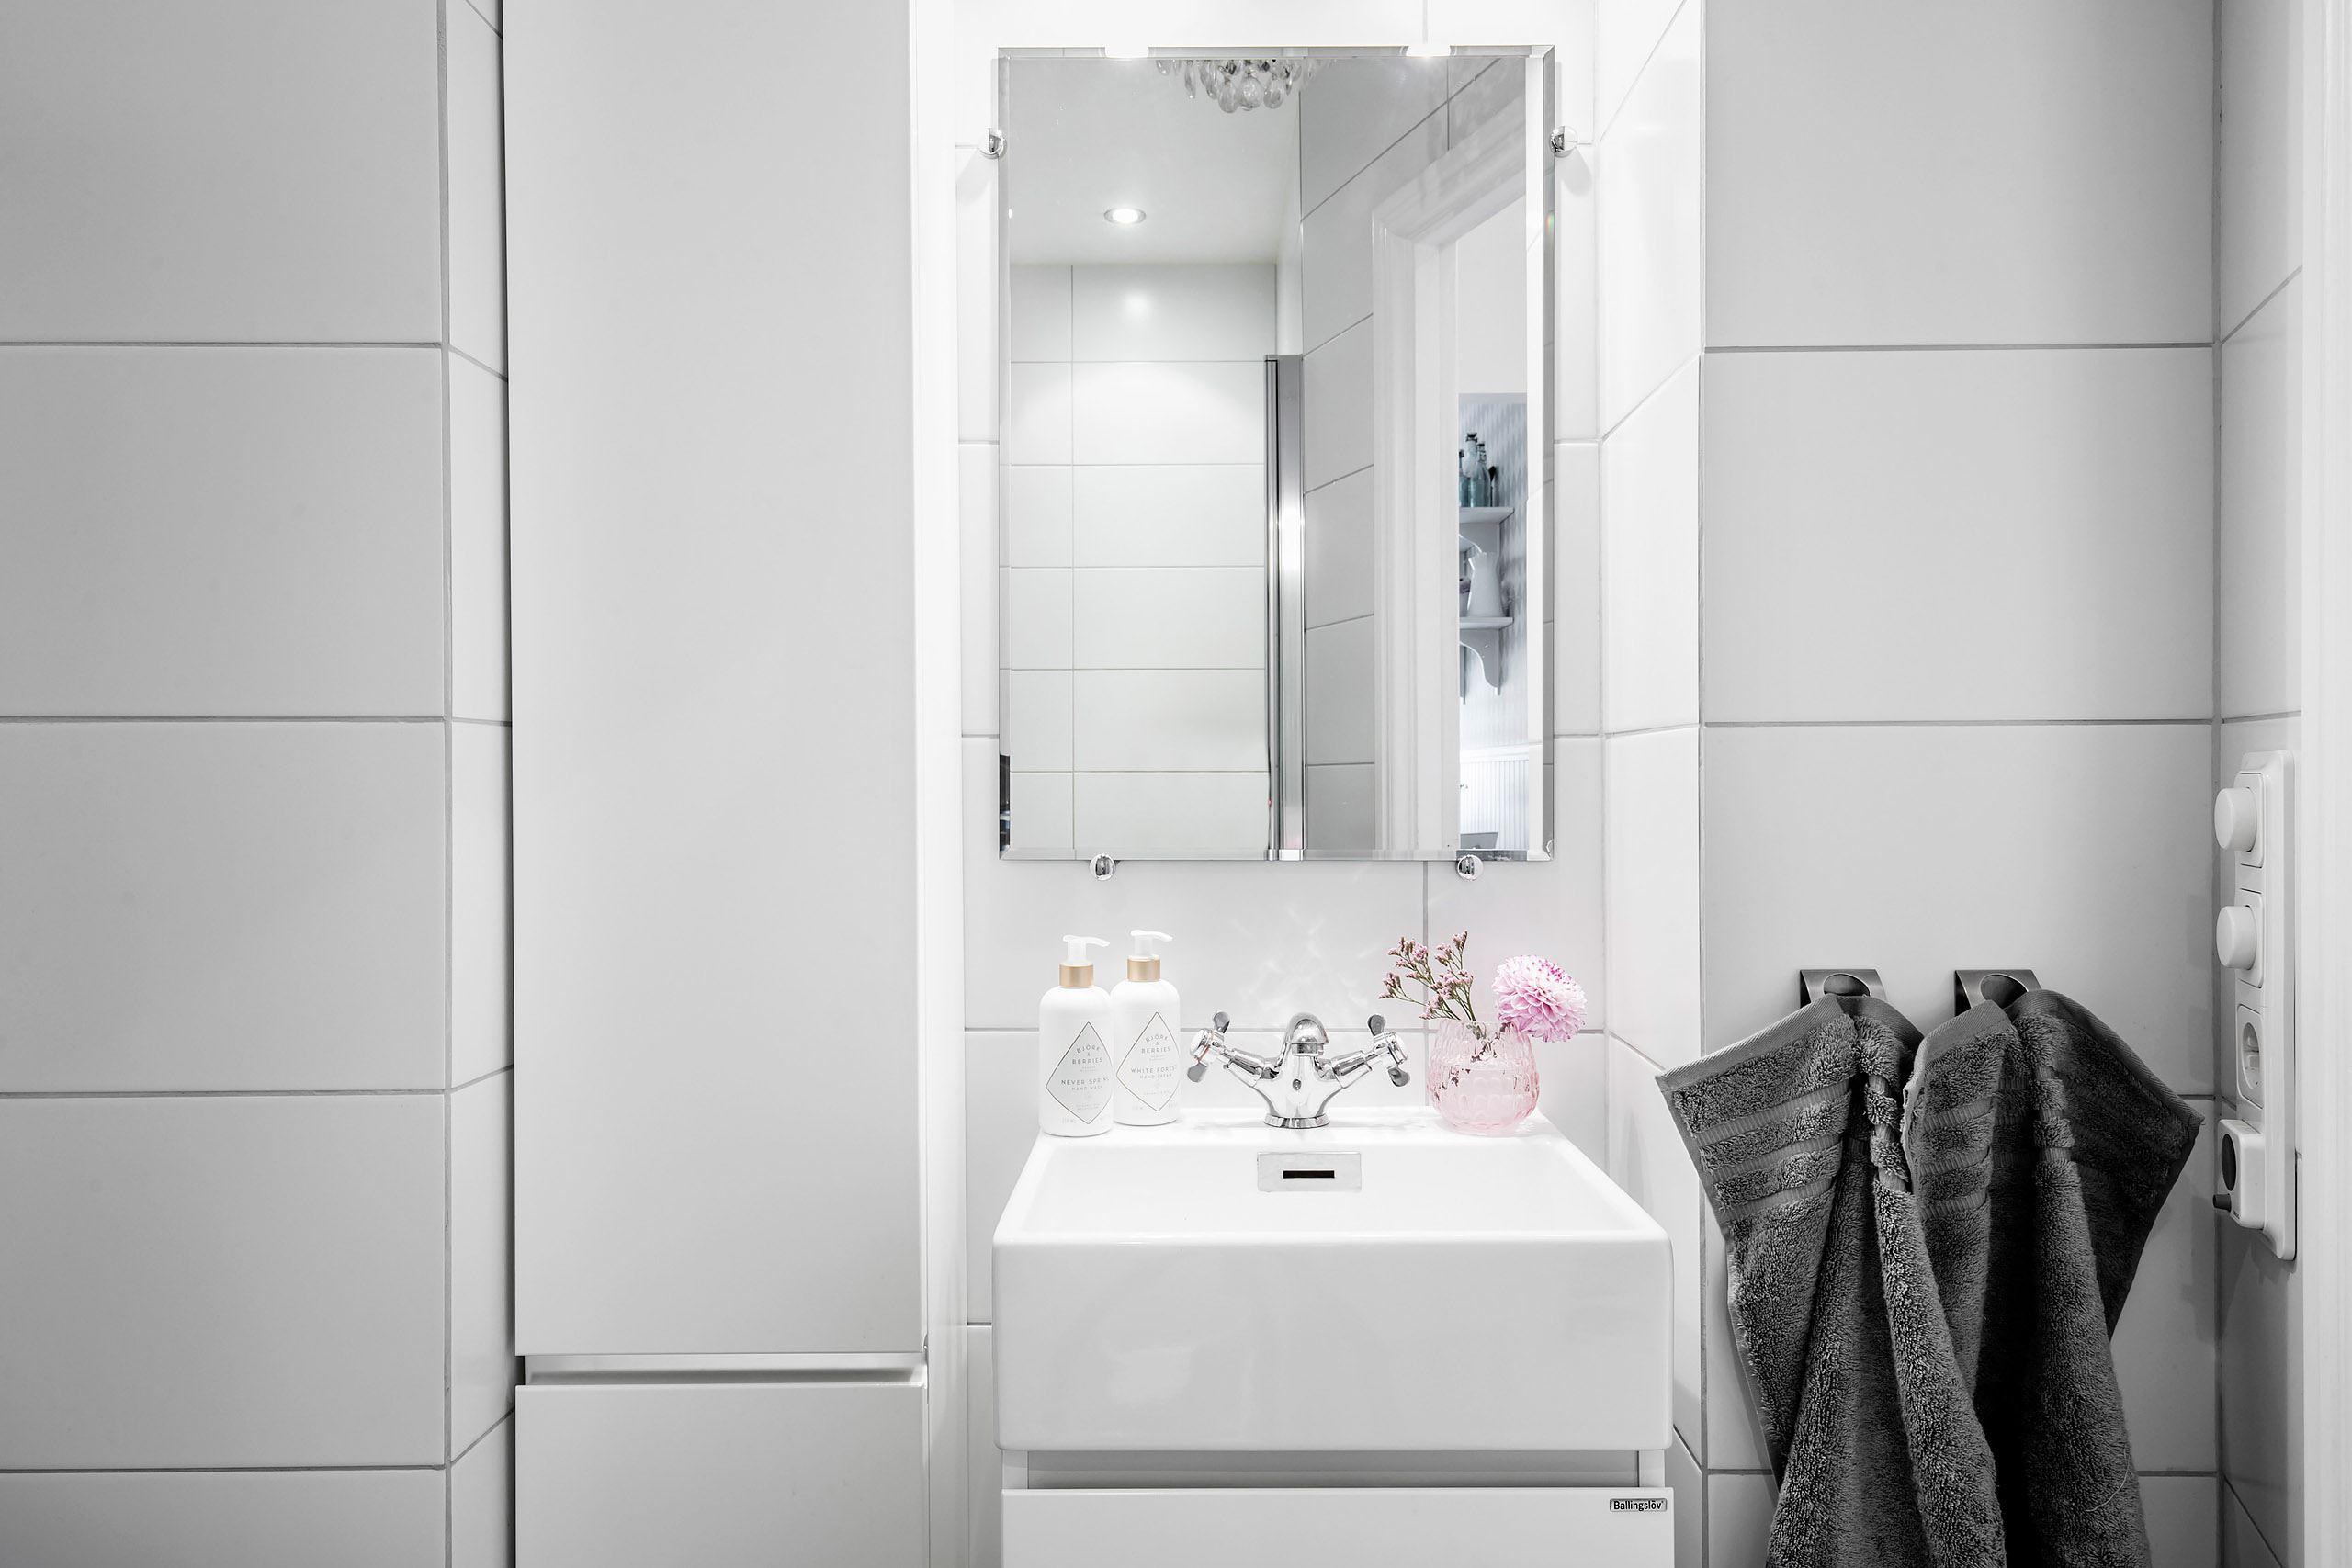 санузел раковина смеситель зеркало плитка шкаф